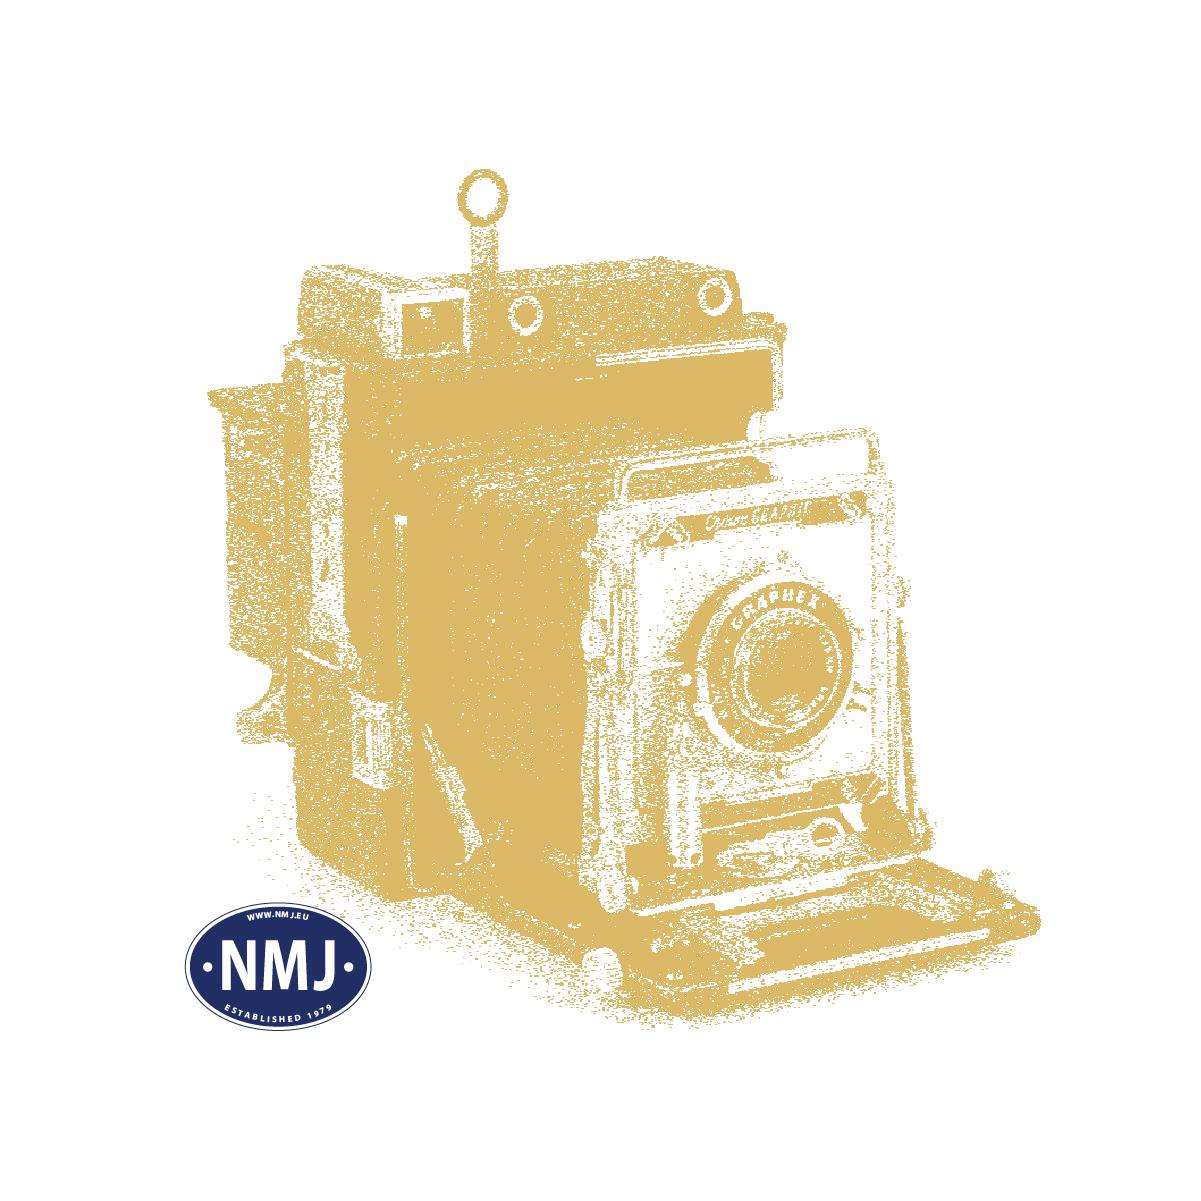 NMJT601.201 - NMJ Topline Rungenwagen Os 21 74 370 6 049-4 der TGOJ